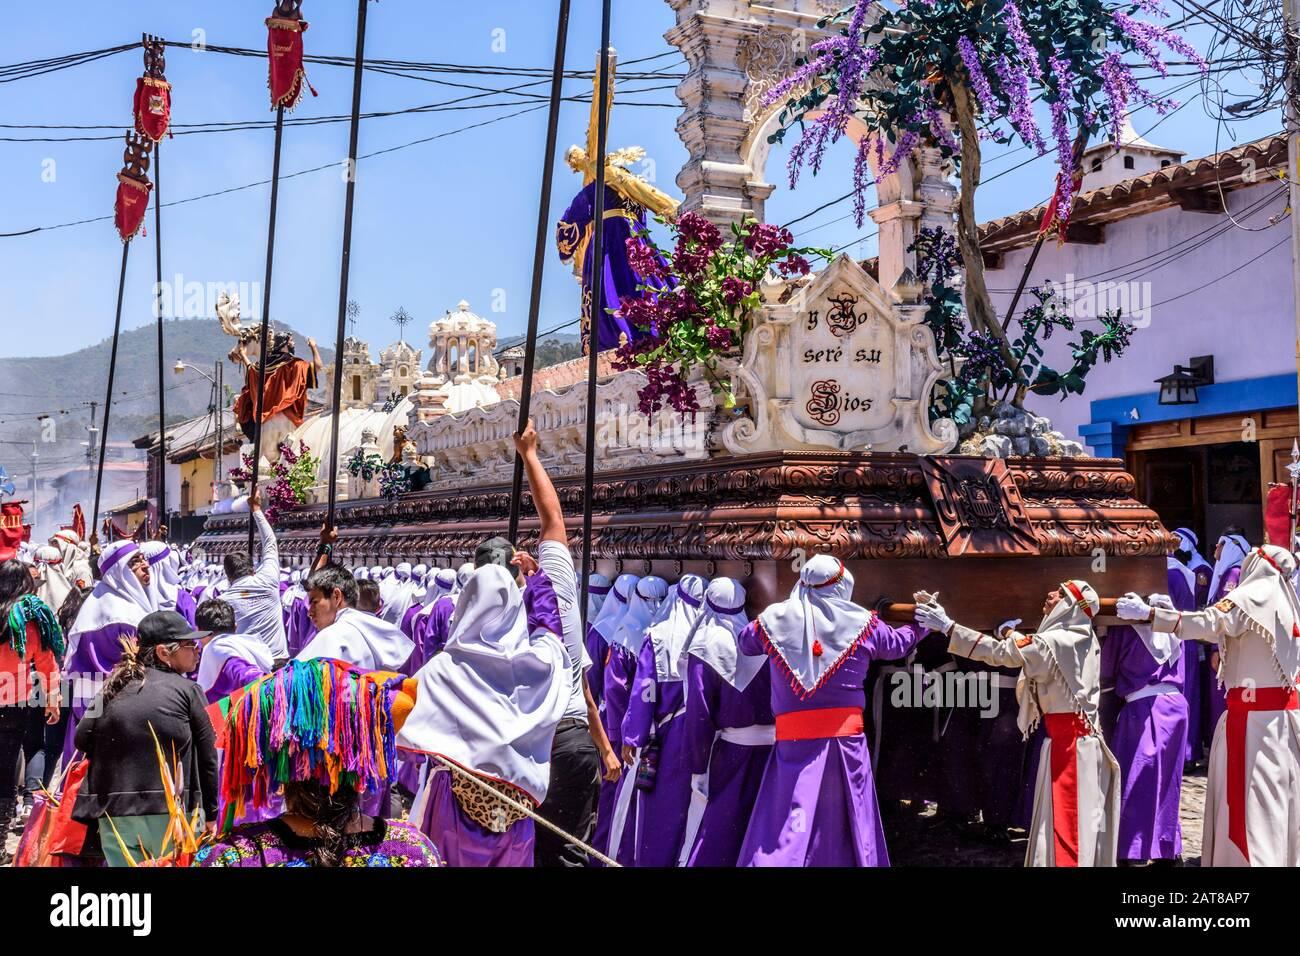 Antigua, Guatemala - 14 de abril de 2019: Procesión del Domingo de Ramos en el lugar declarado Patrimonio de la Humanidad por la UNESCO con las famosas celebraciones de la Semana Santa. Foto de stock